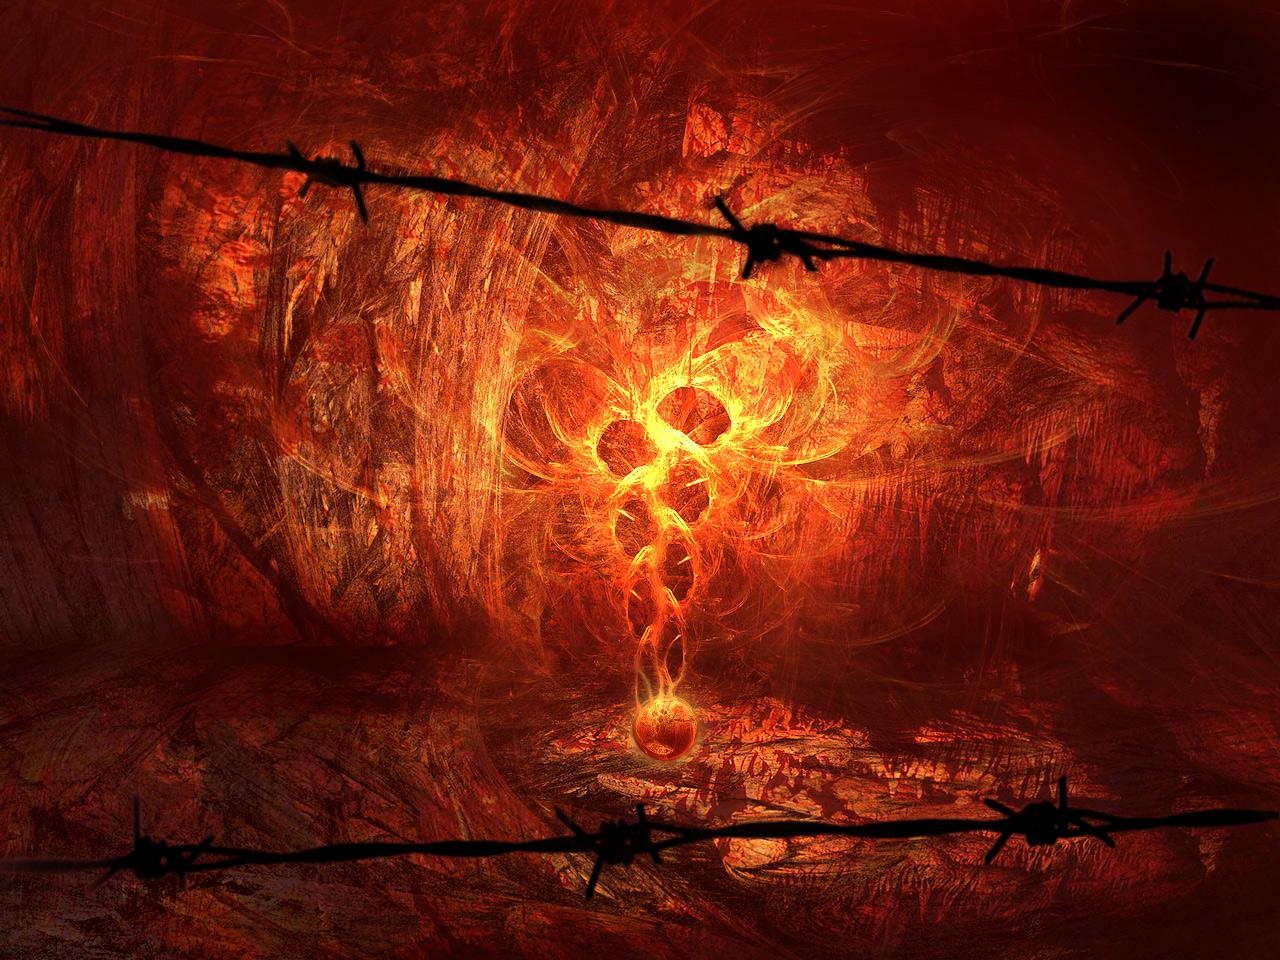 fire wallpaper black magic